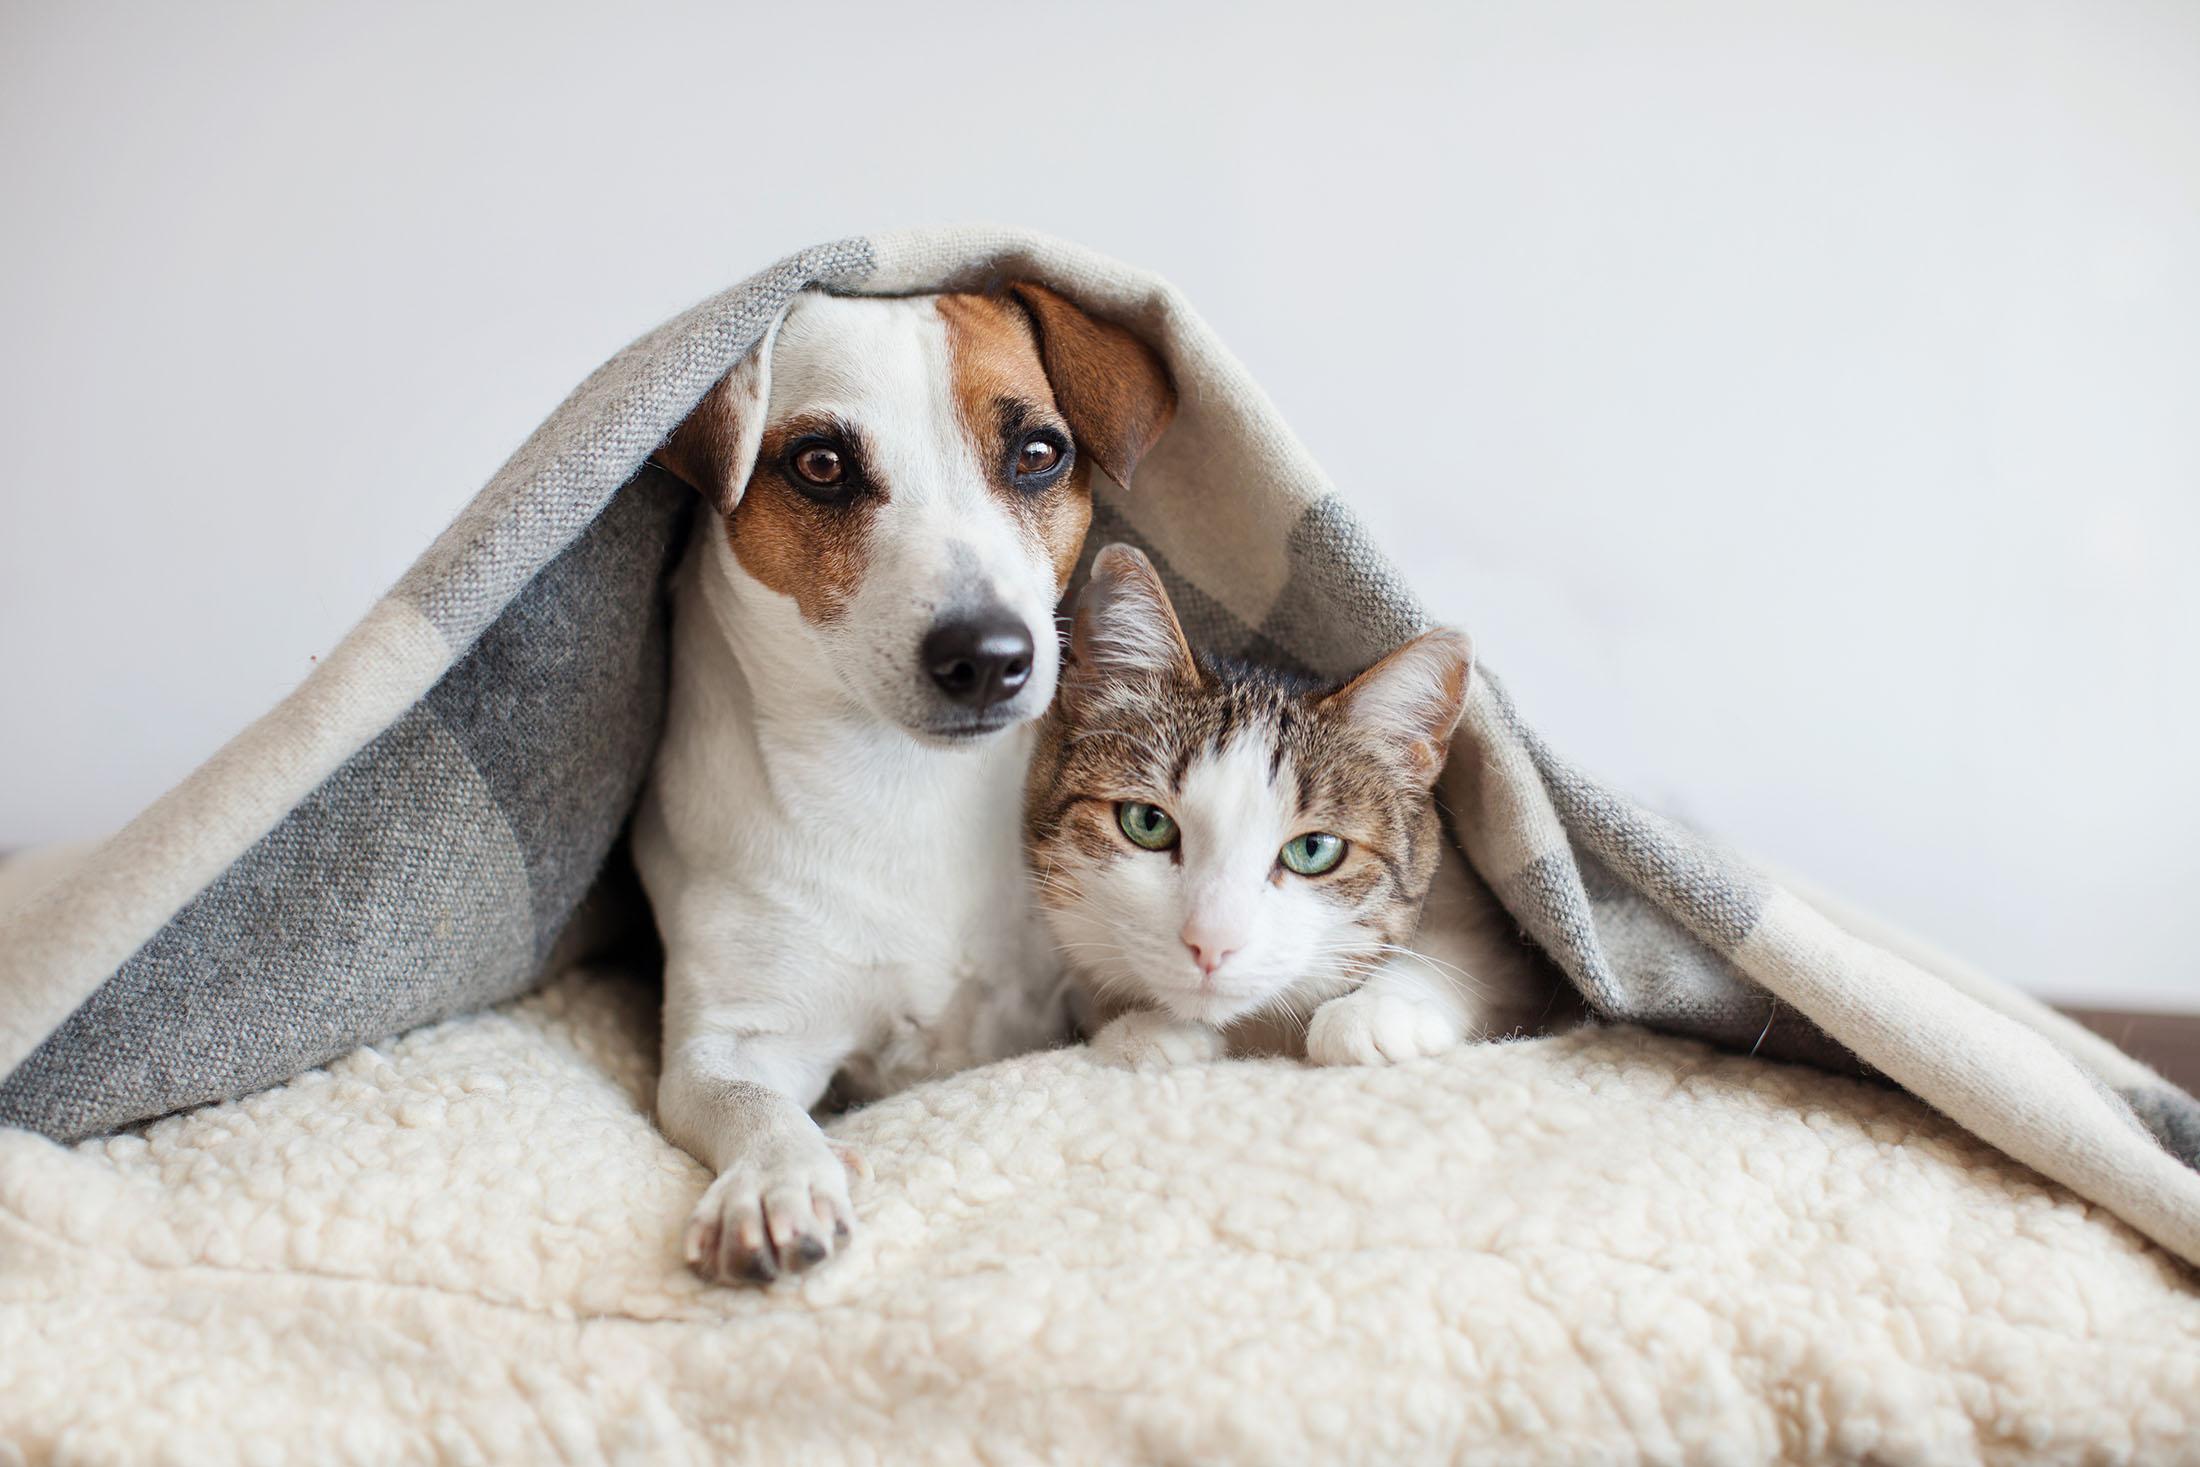 Un perro y un gato bajo una manta. EL perfil de las mascotas